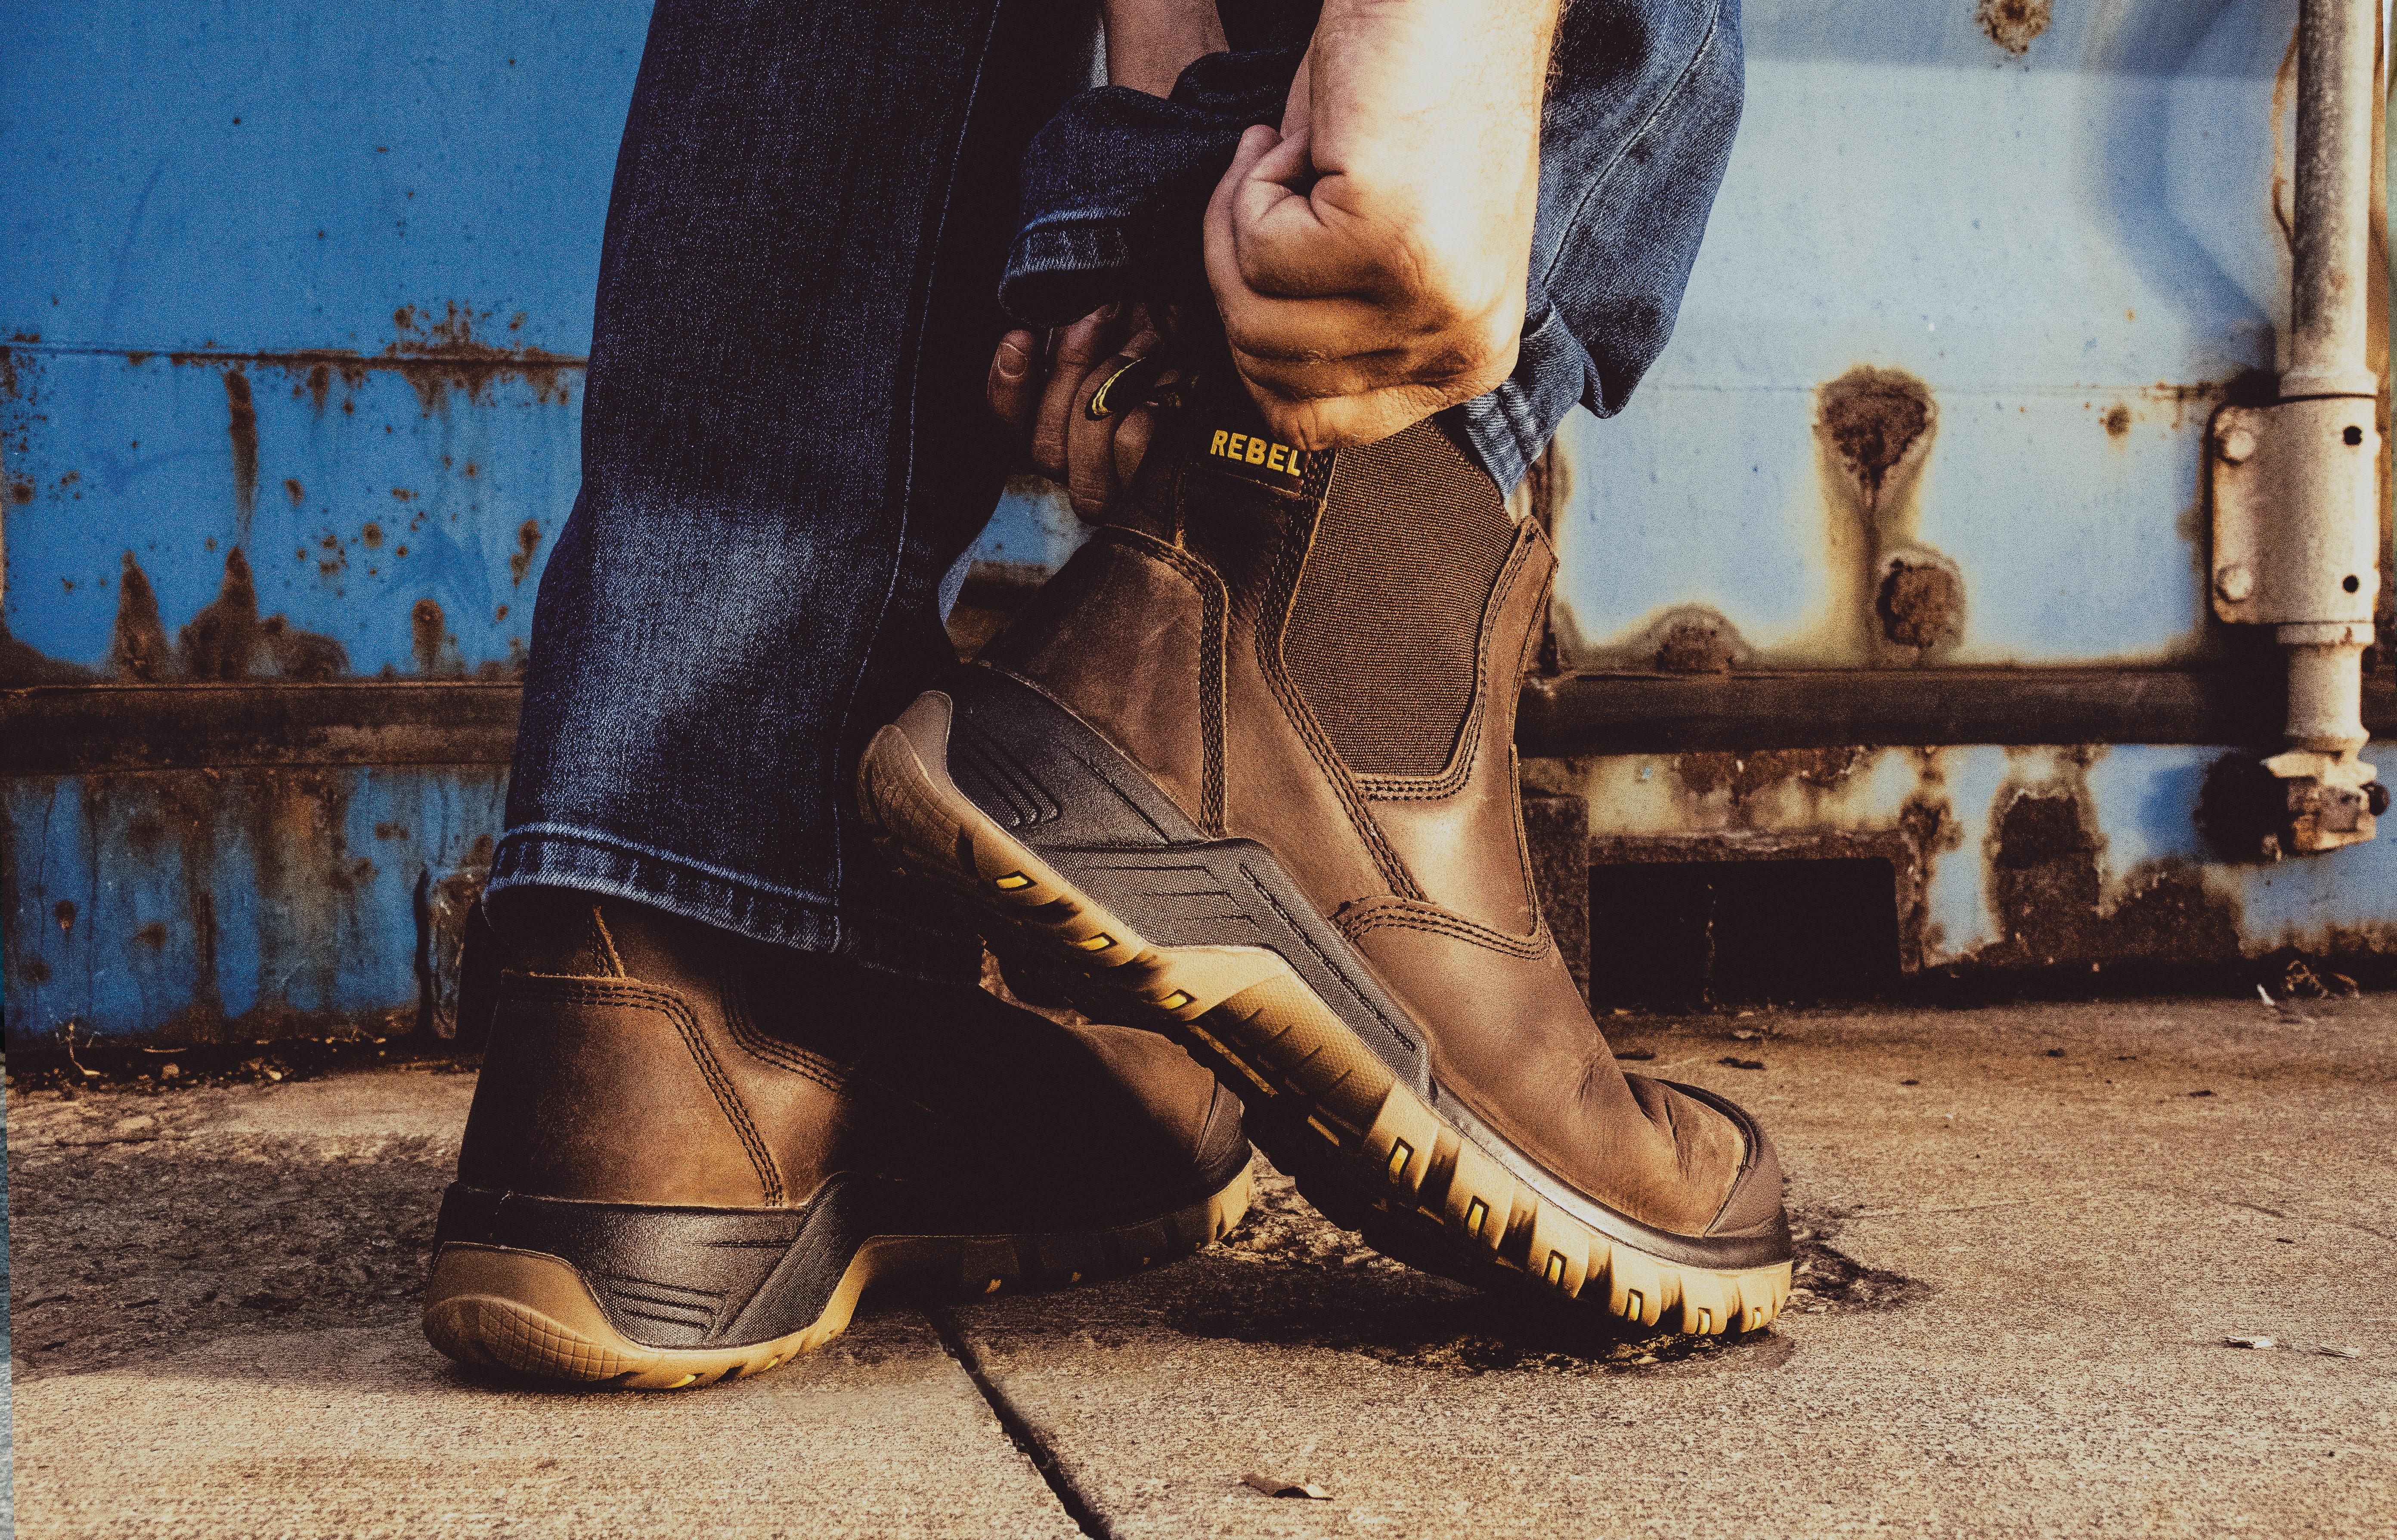 rebel footwear action image